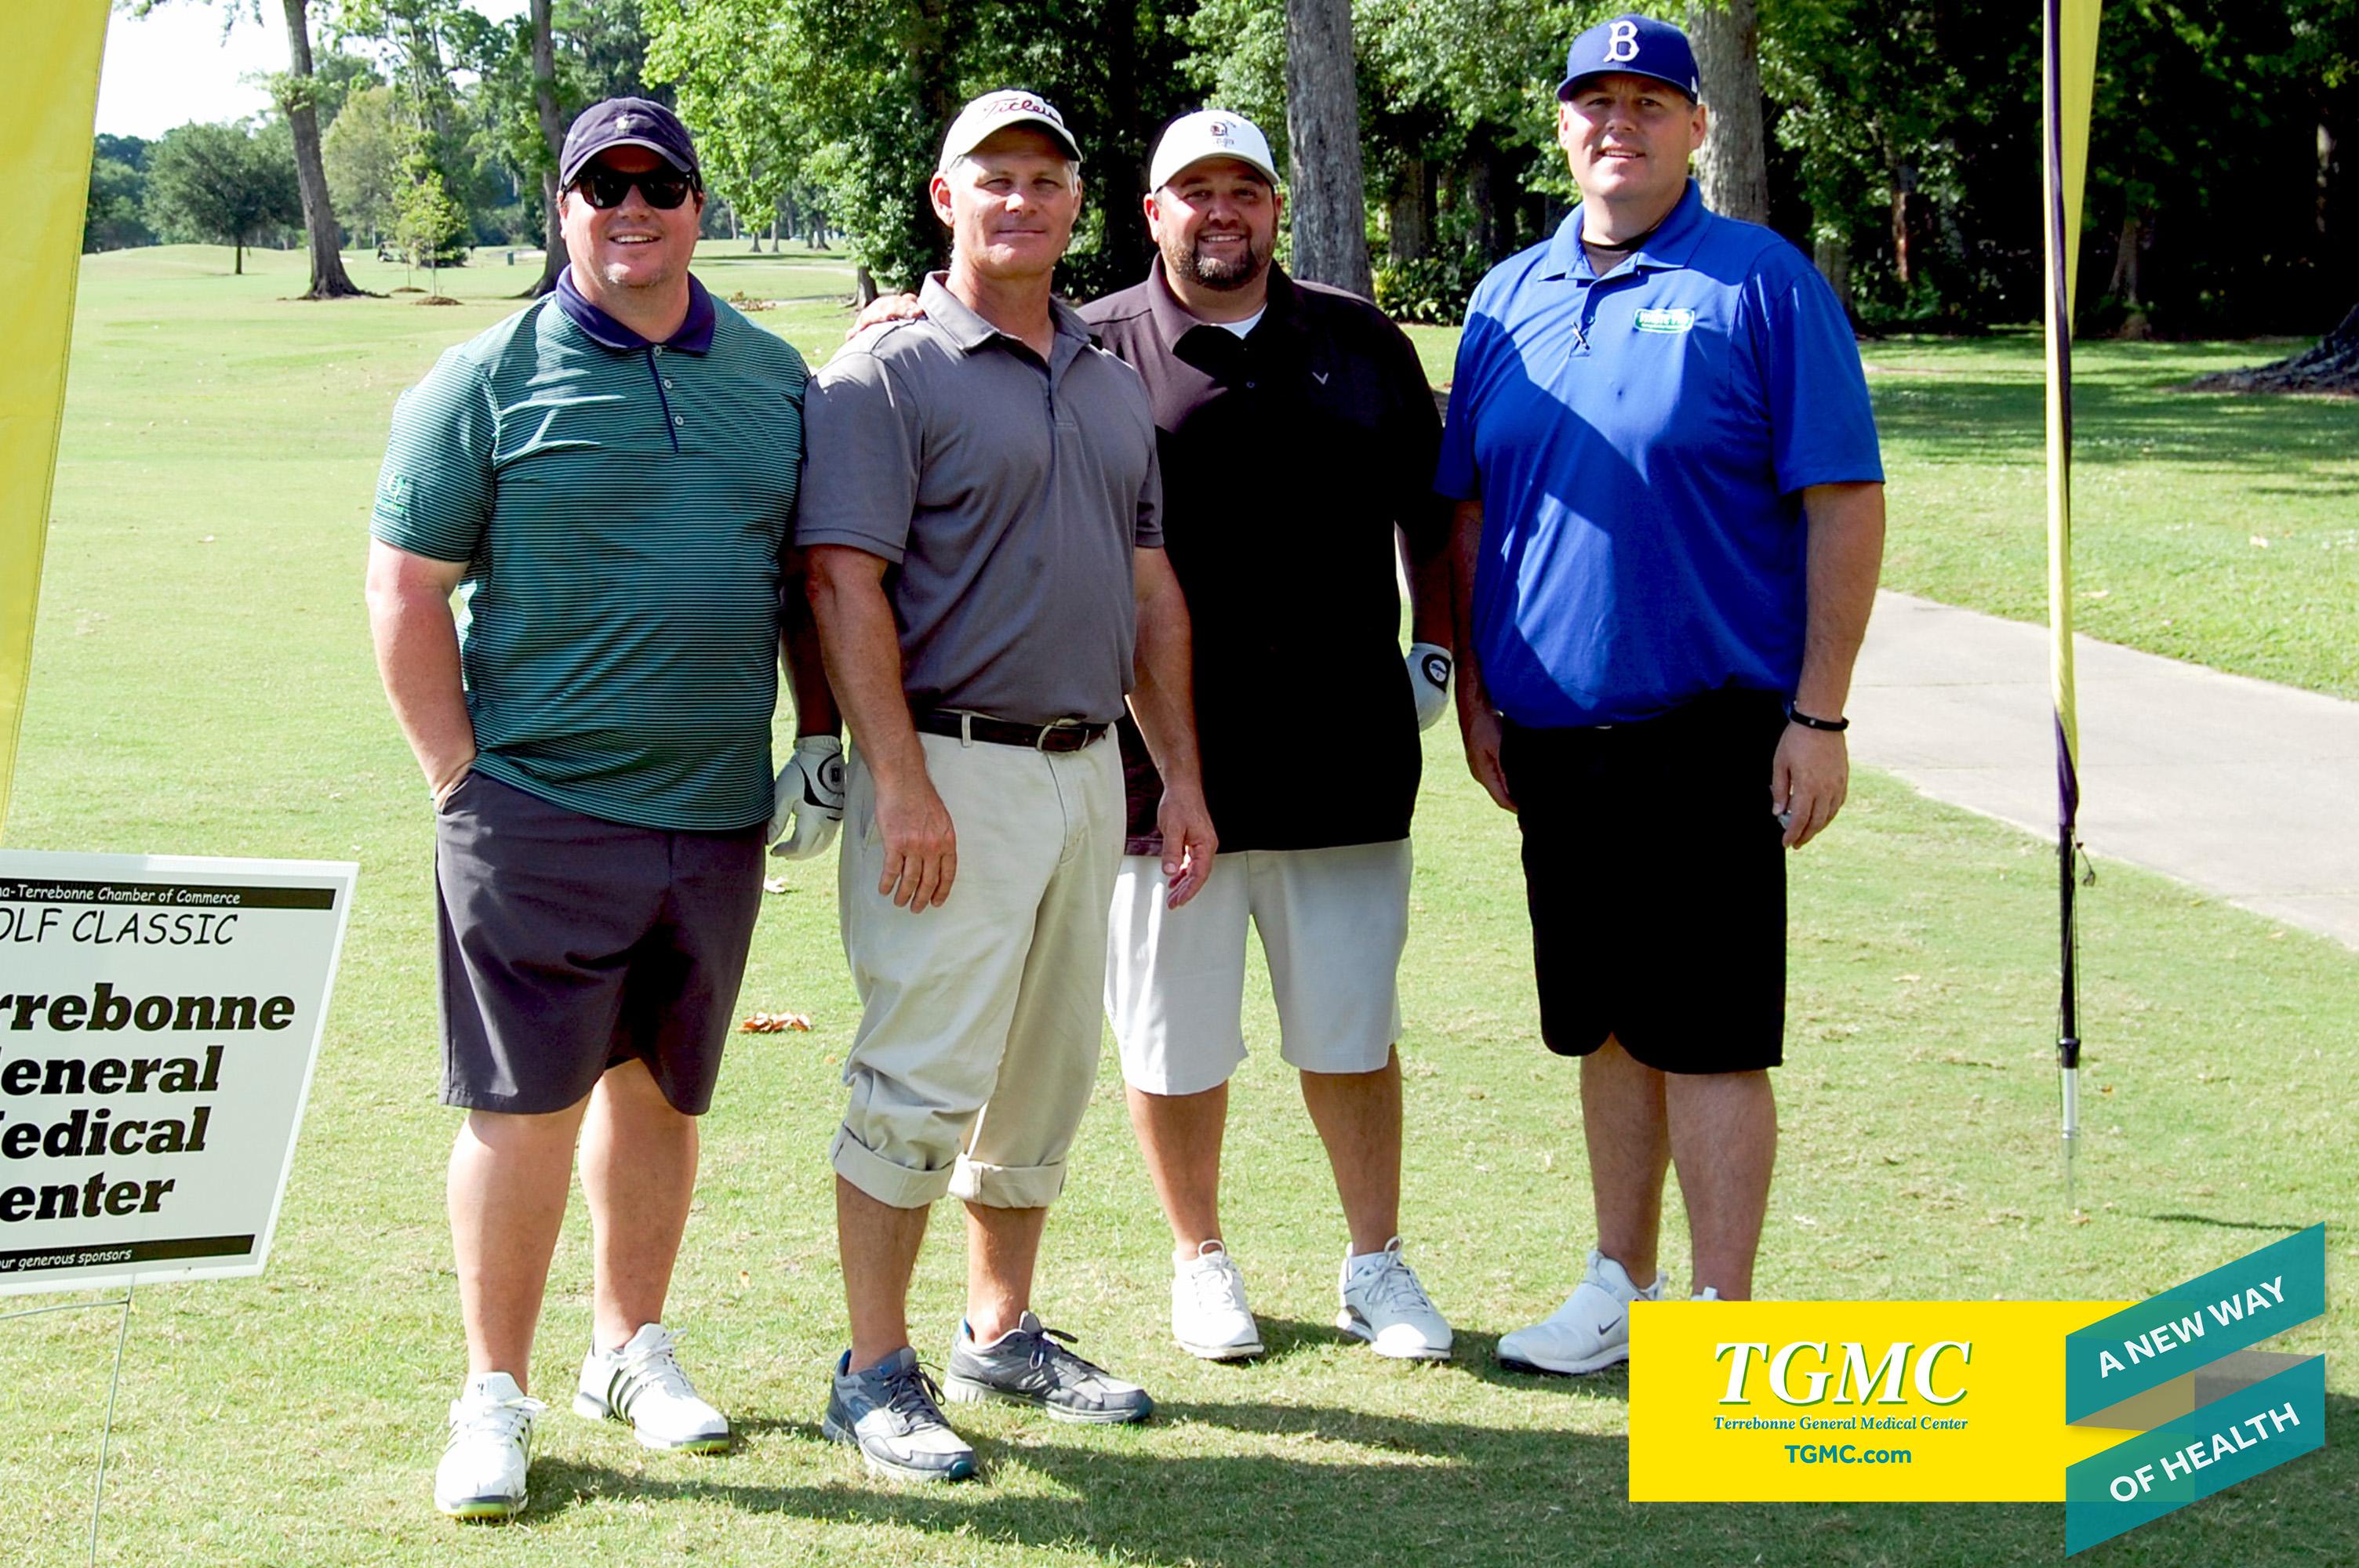 2019 Golf Classic Teams